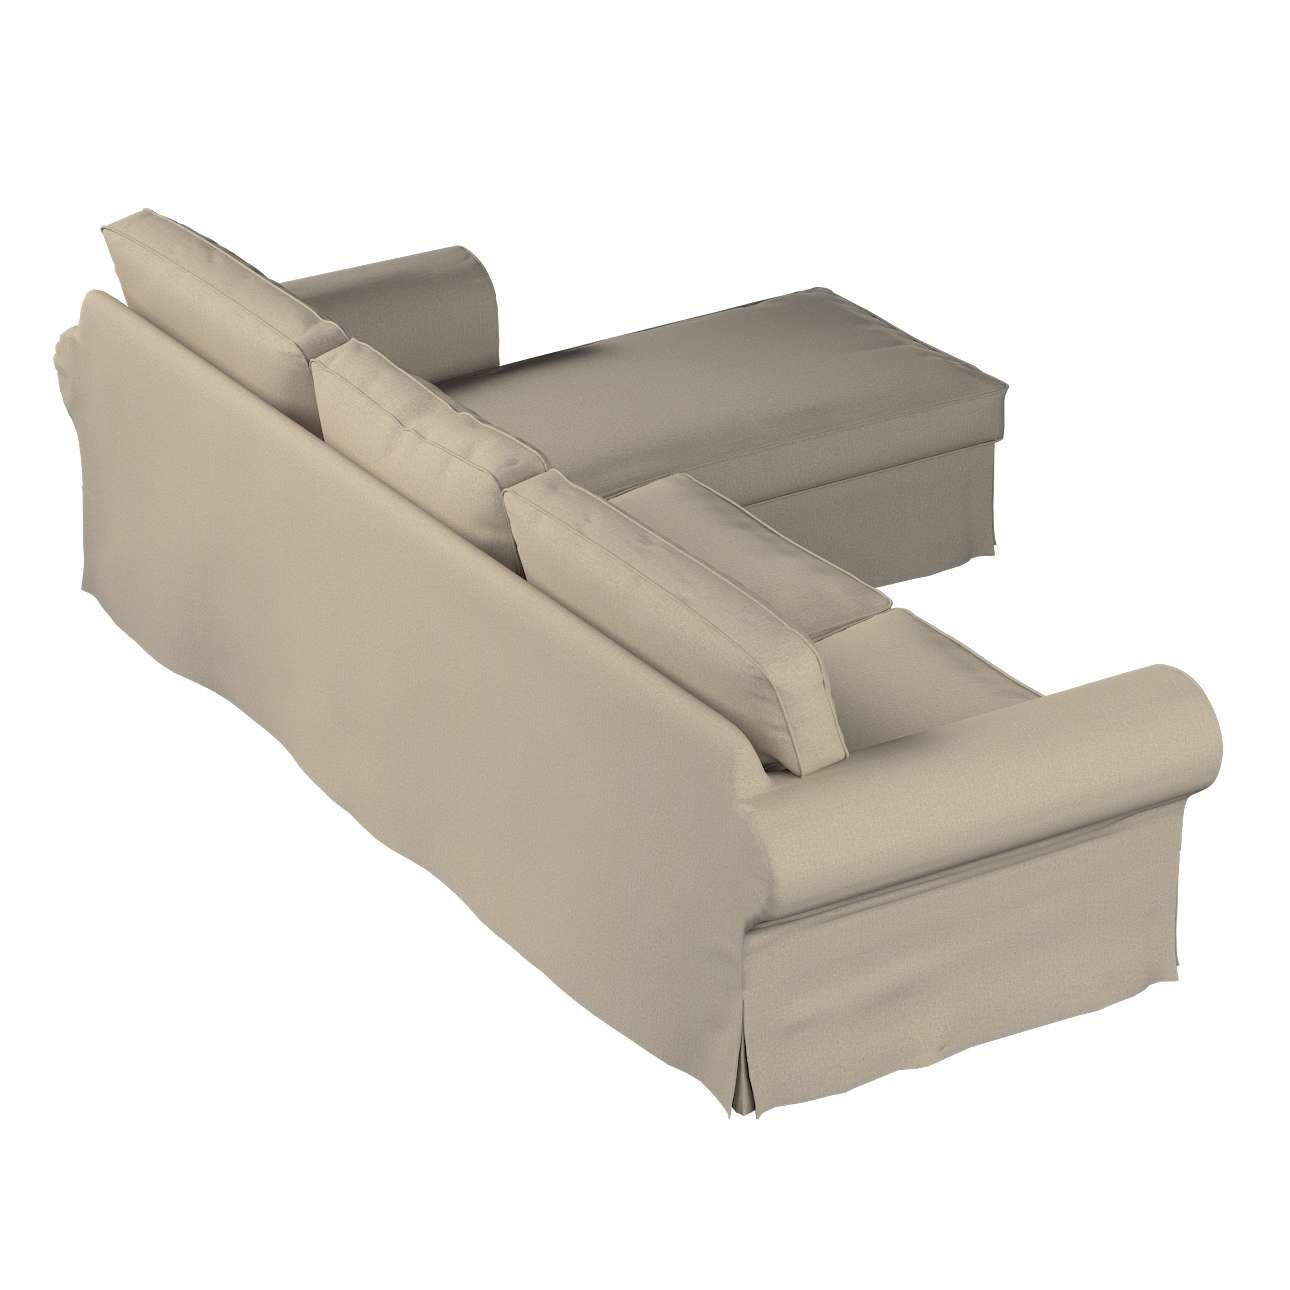 Ektorp dvivietės sofos su gulimuoju krėslu užvalkalas Ikea Ektorp dvivietės sofos su gulimuoju krėslu užvalkalas kolekcijoje Edinburgh , audinys: 115-78